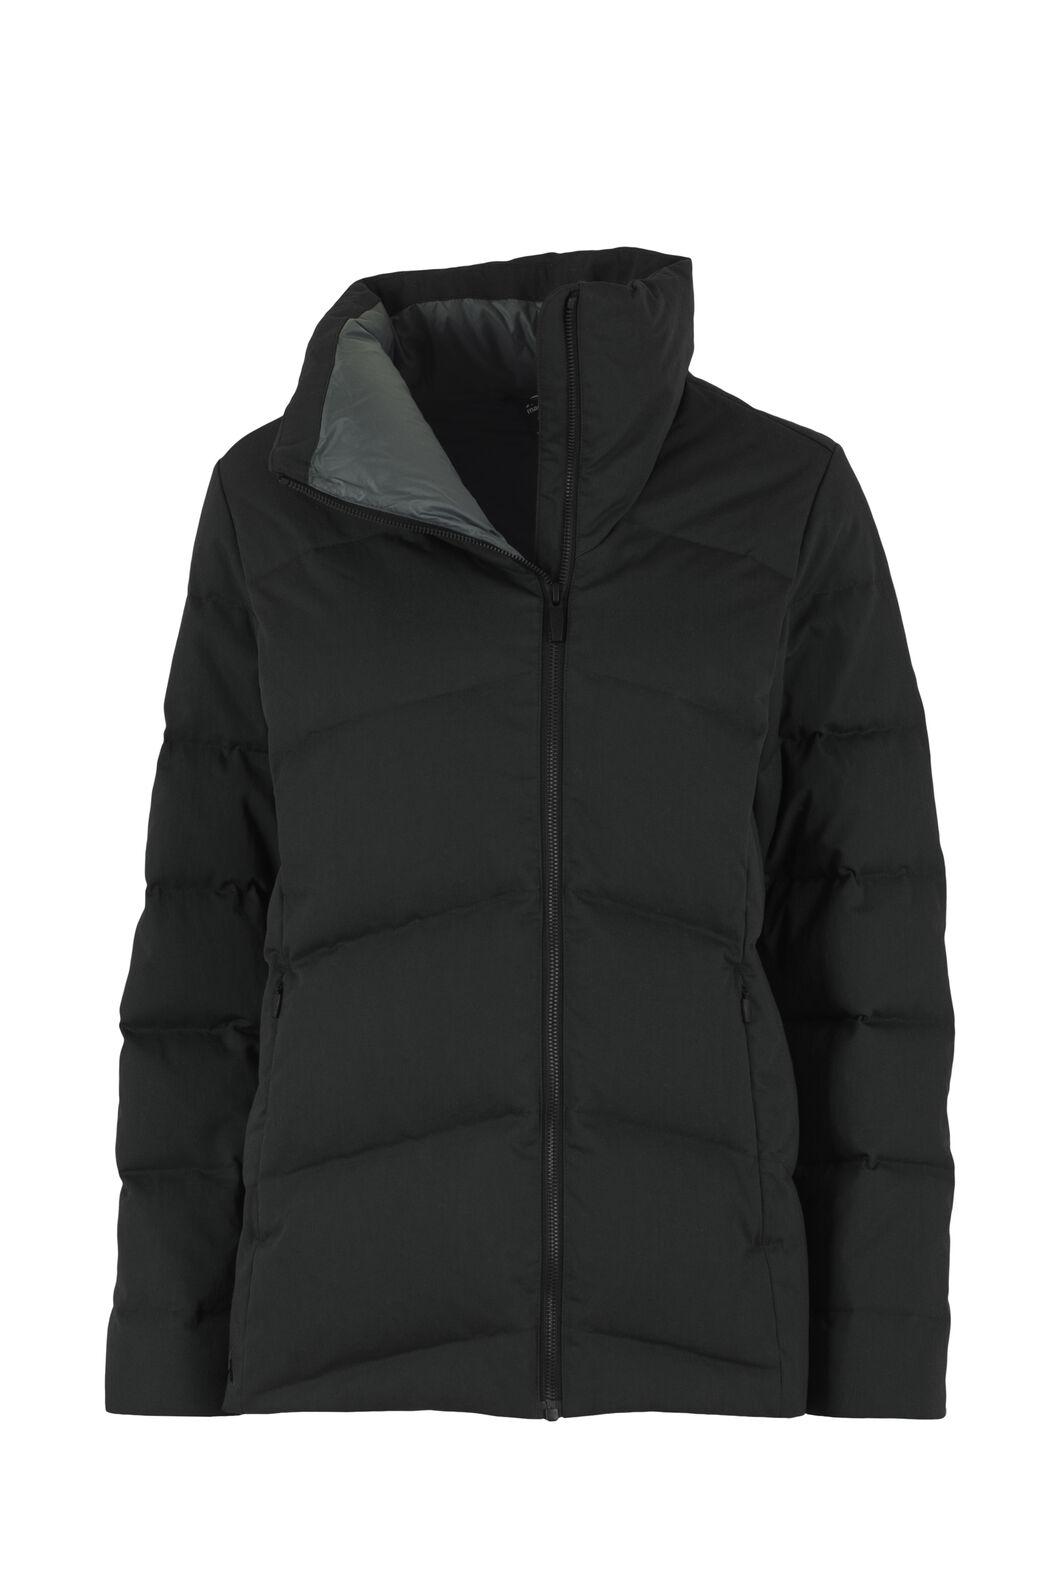 Macpac Radius Jacket - Women's, Black, hi-res